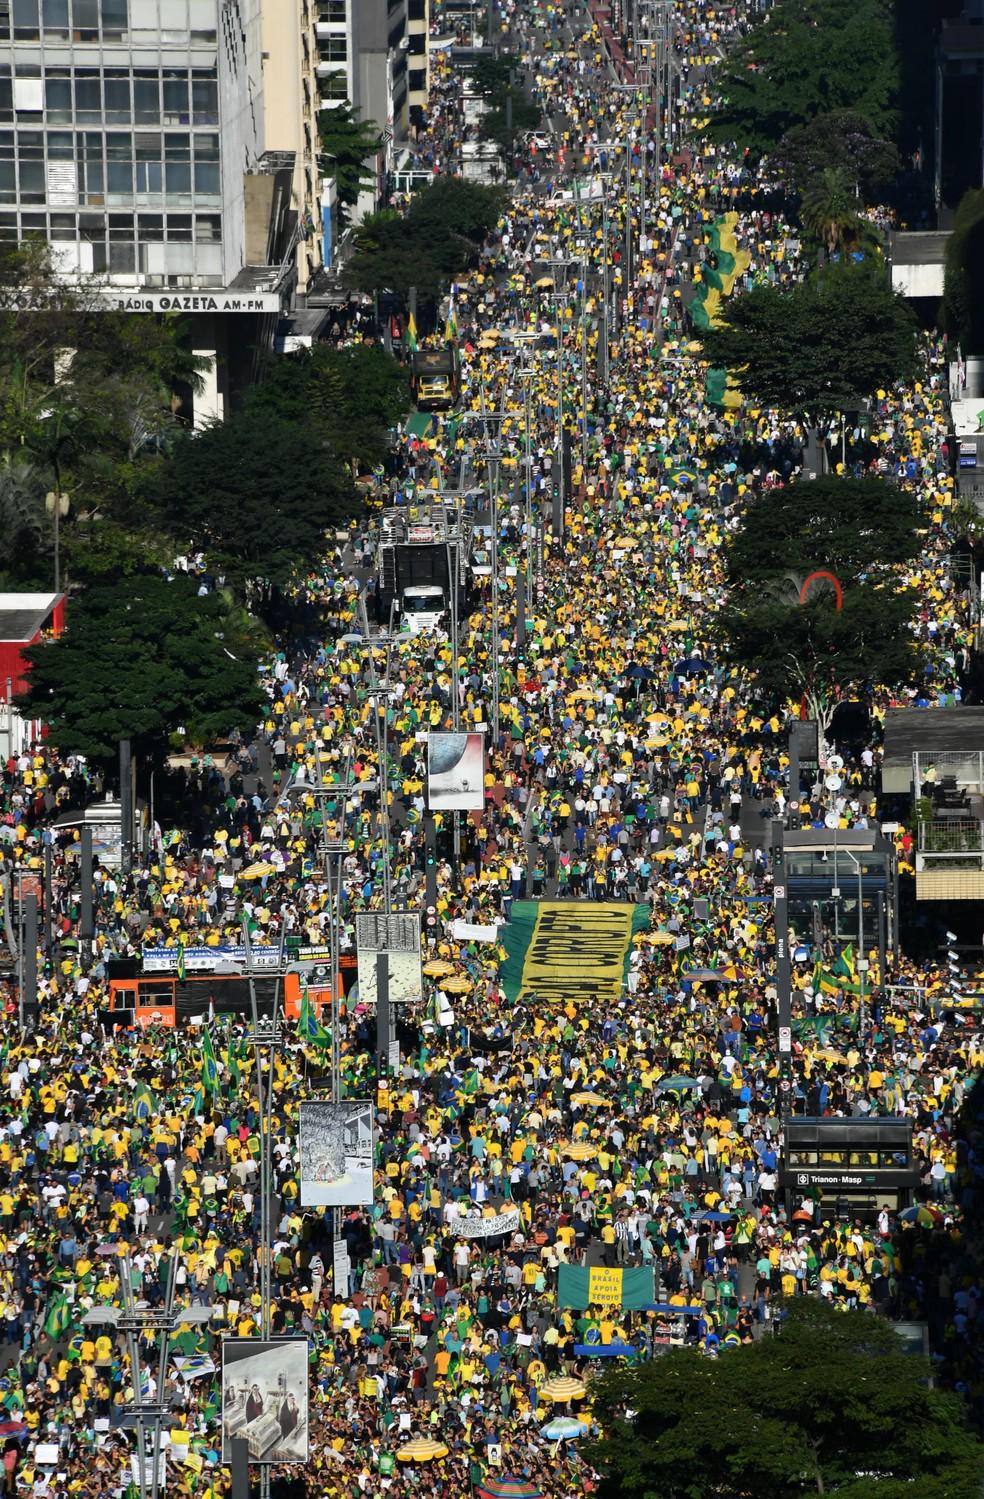 Manifestação em apoio ao governo Bolsonaro na Avenida Paulista, em São Paulo — Foto: Nelson Almeida/AFP